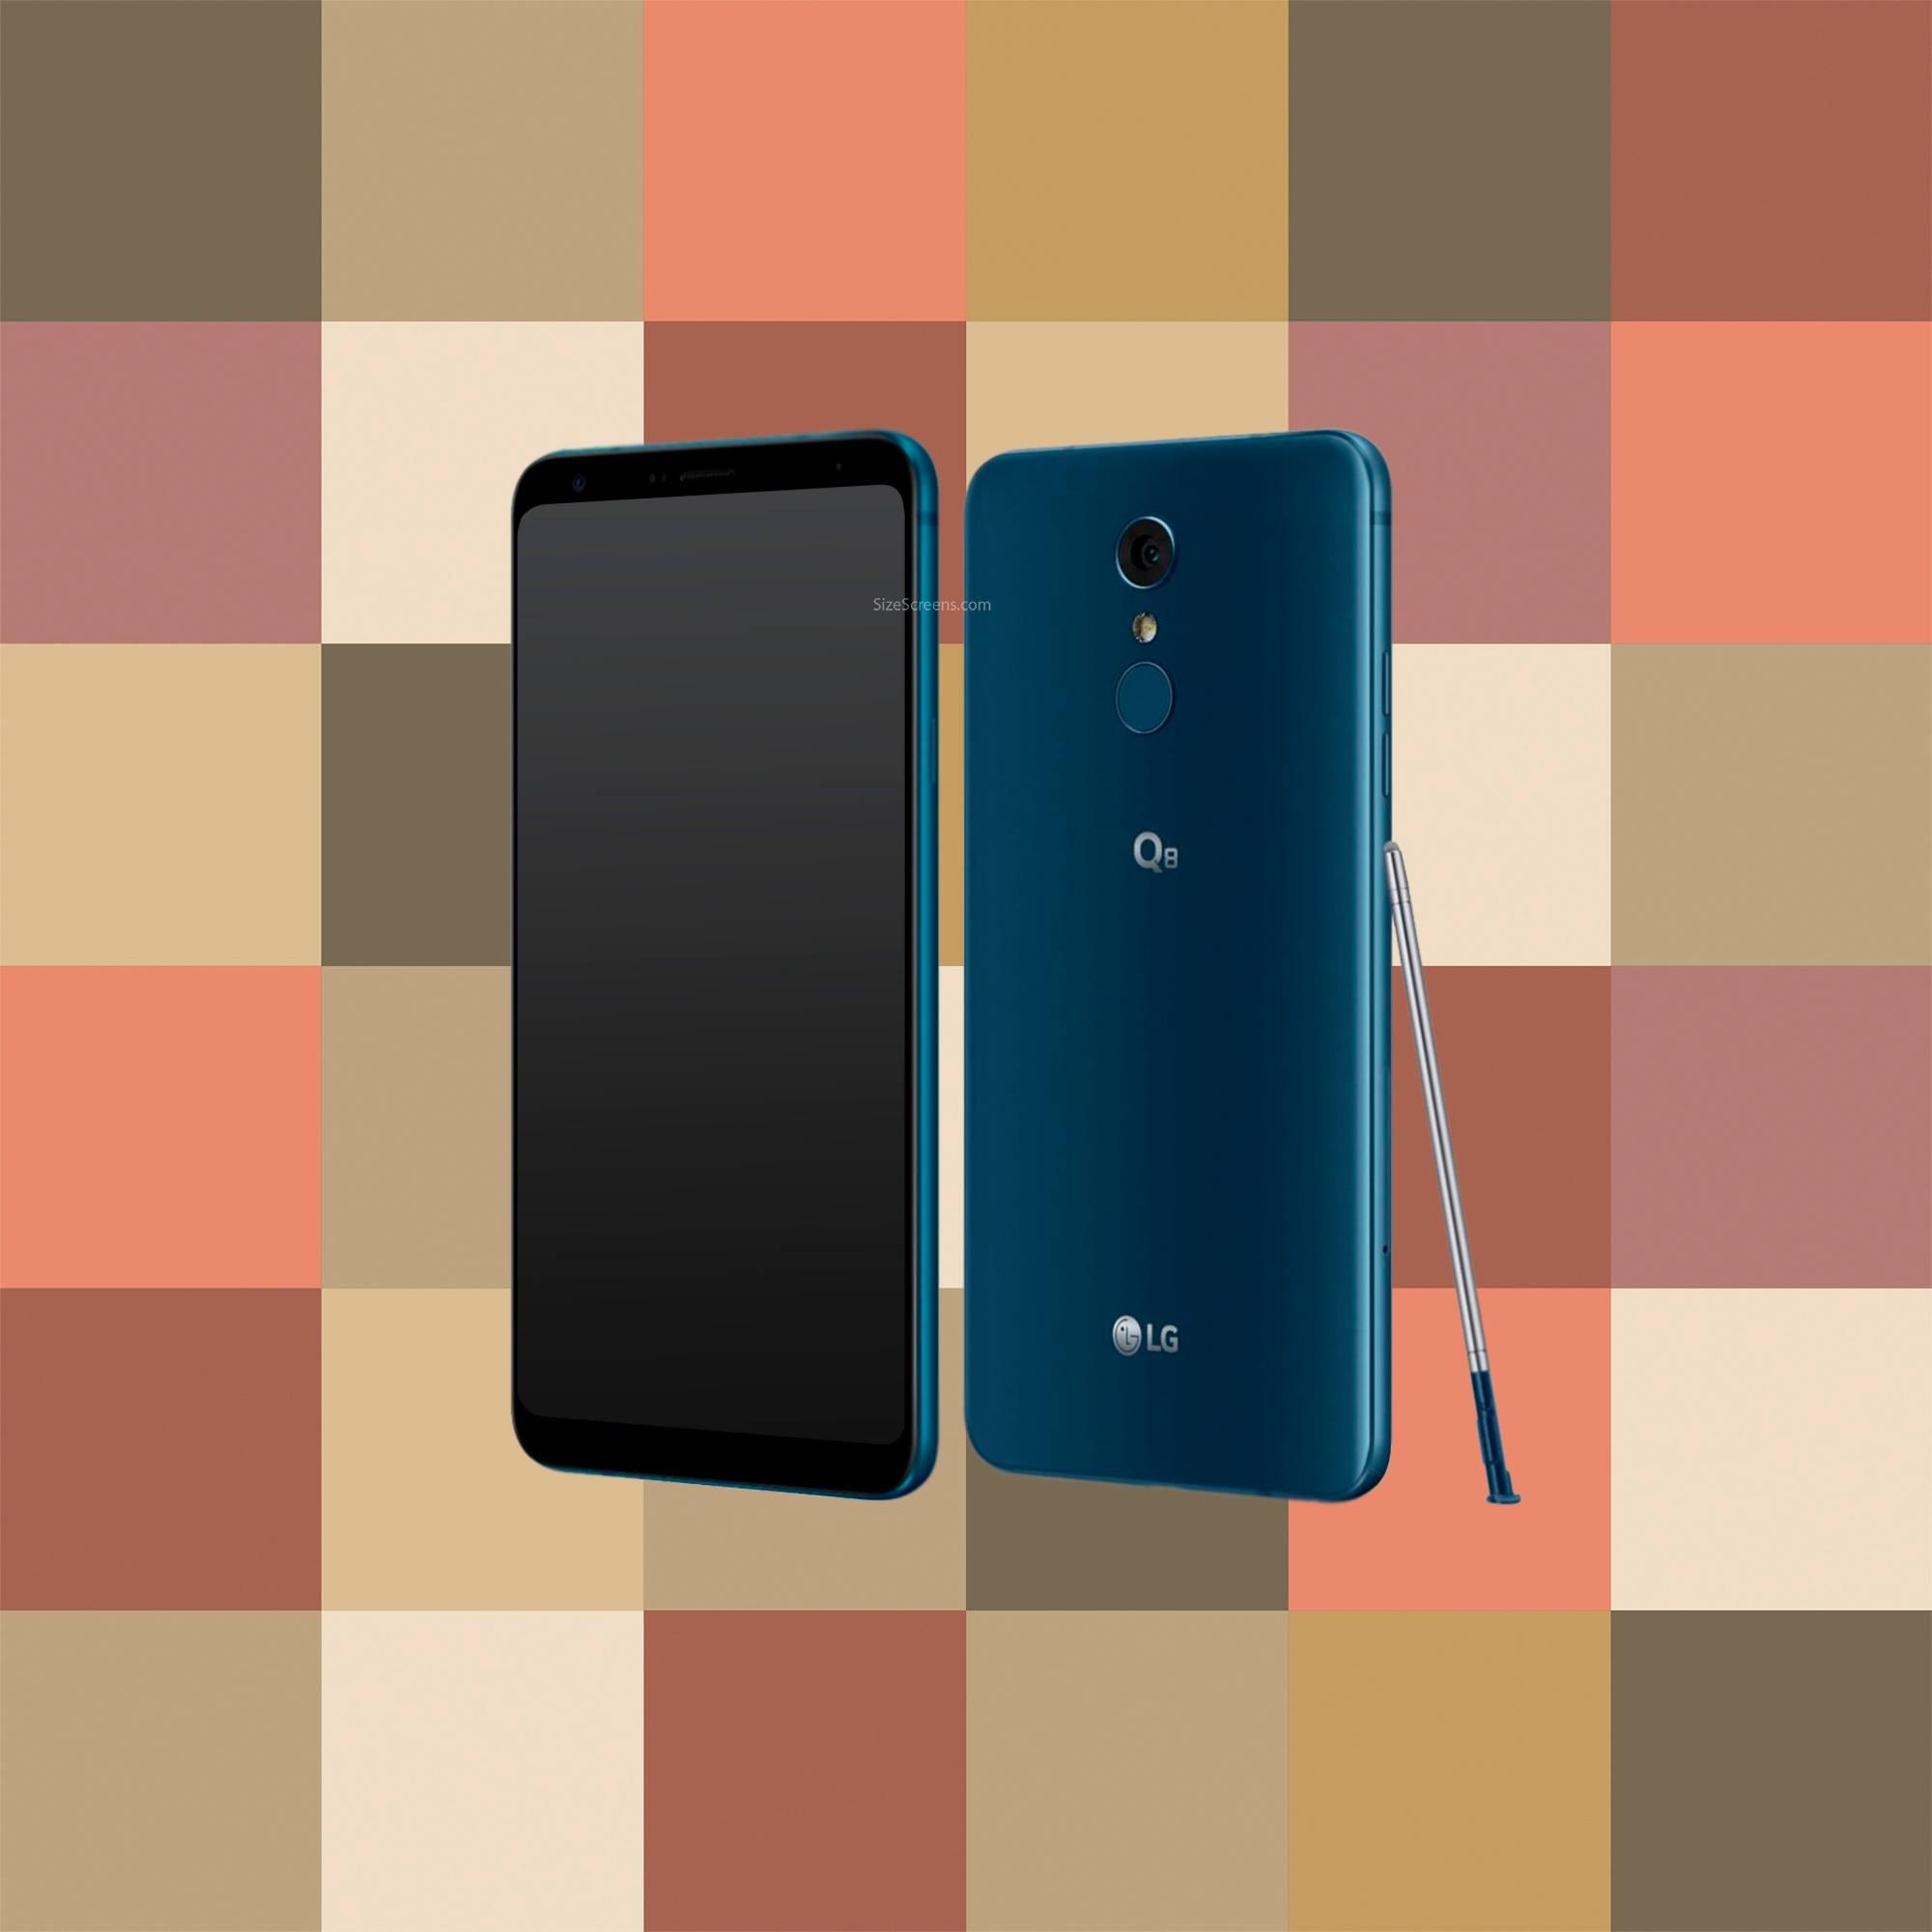 LG Q8 2018 Wallpapers: LG Q8 2018 Screen Specifications • SizeScreens.com